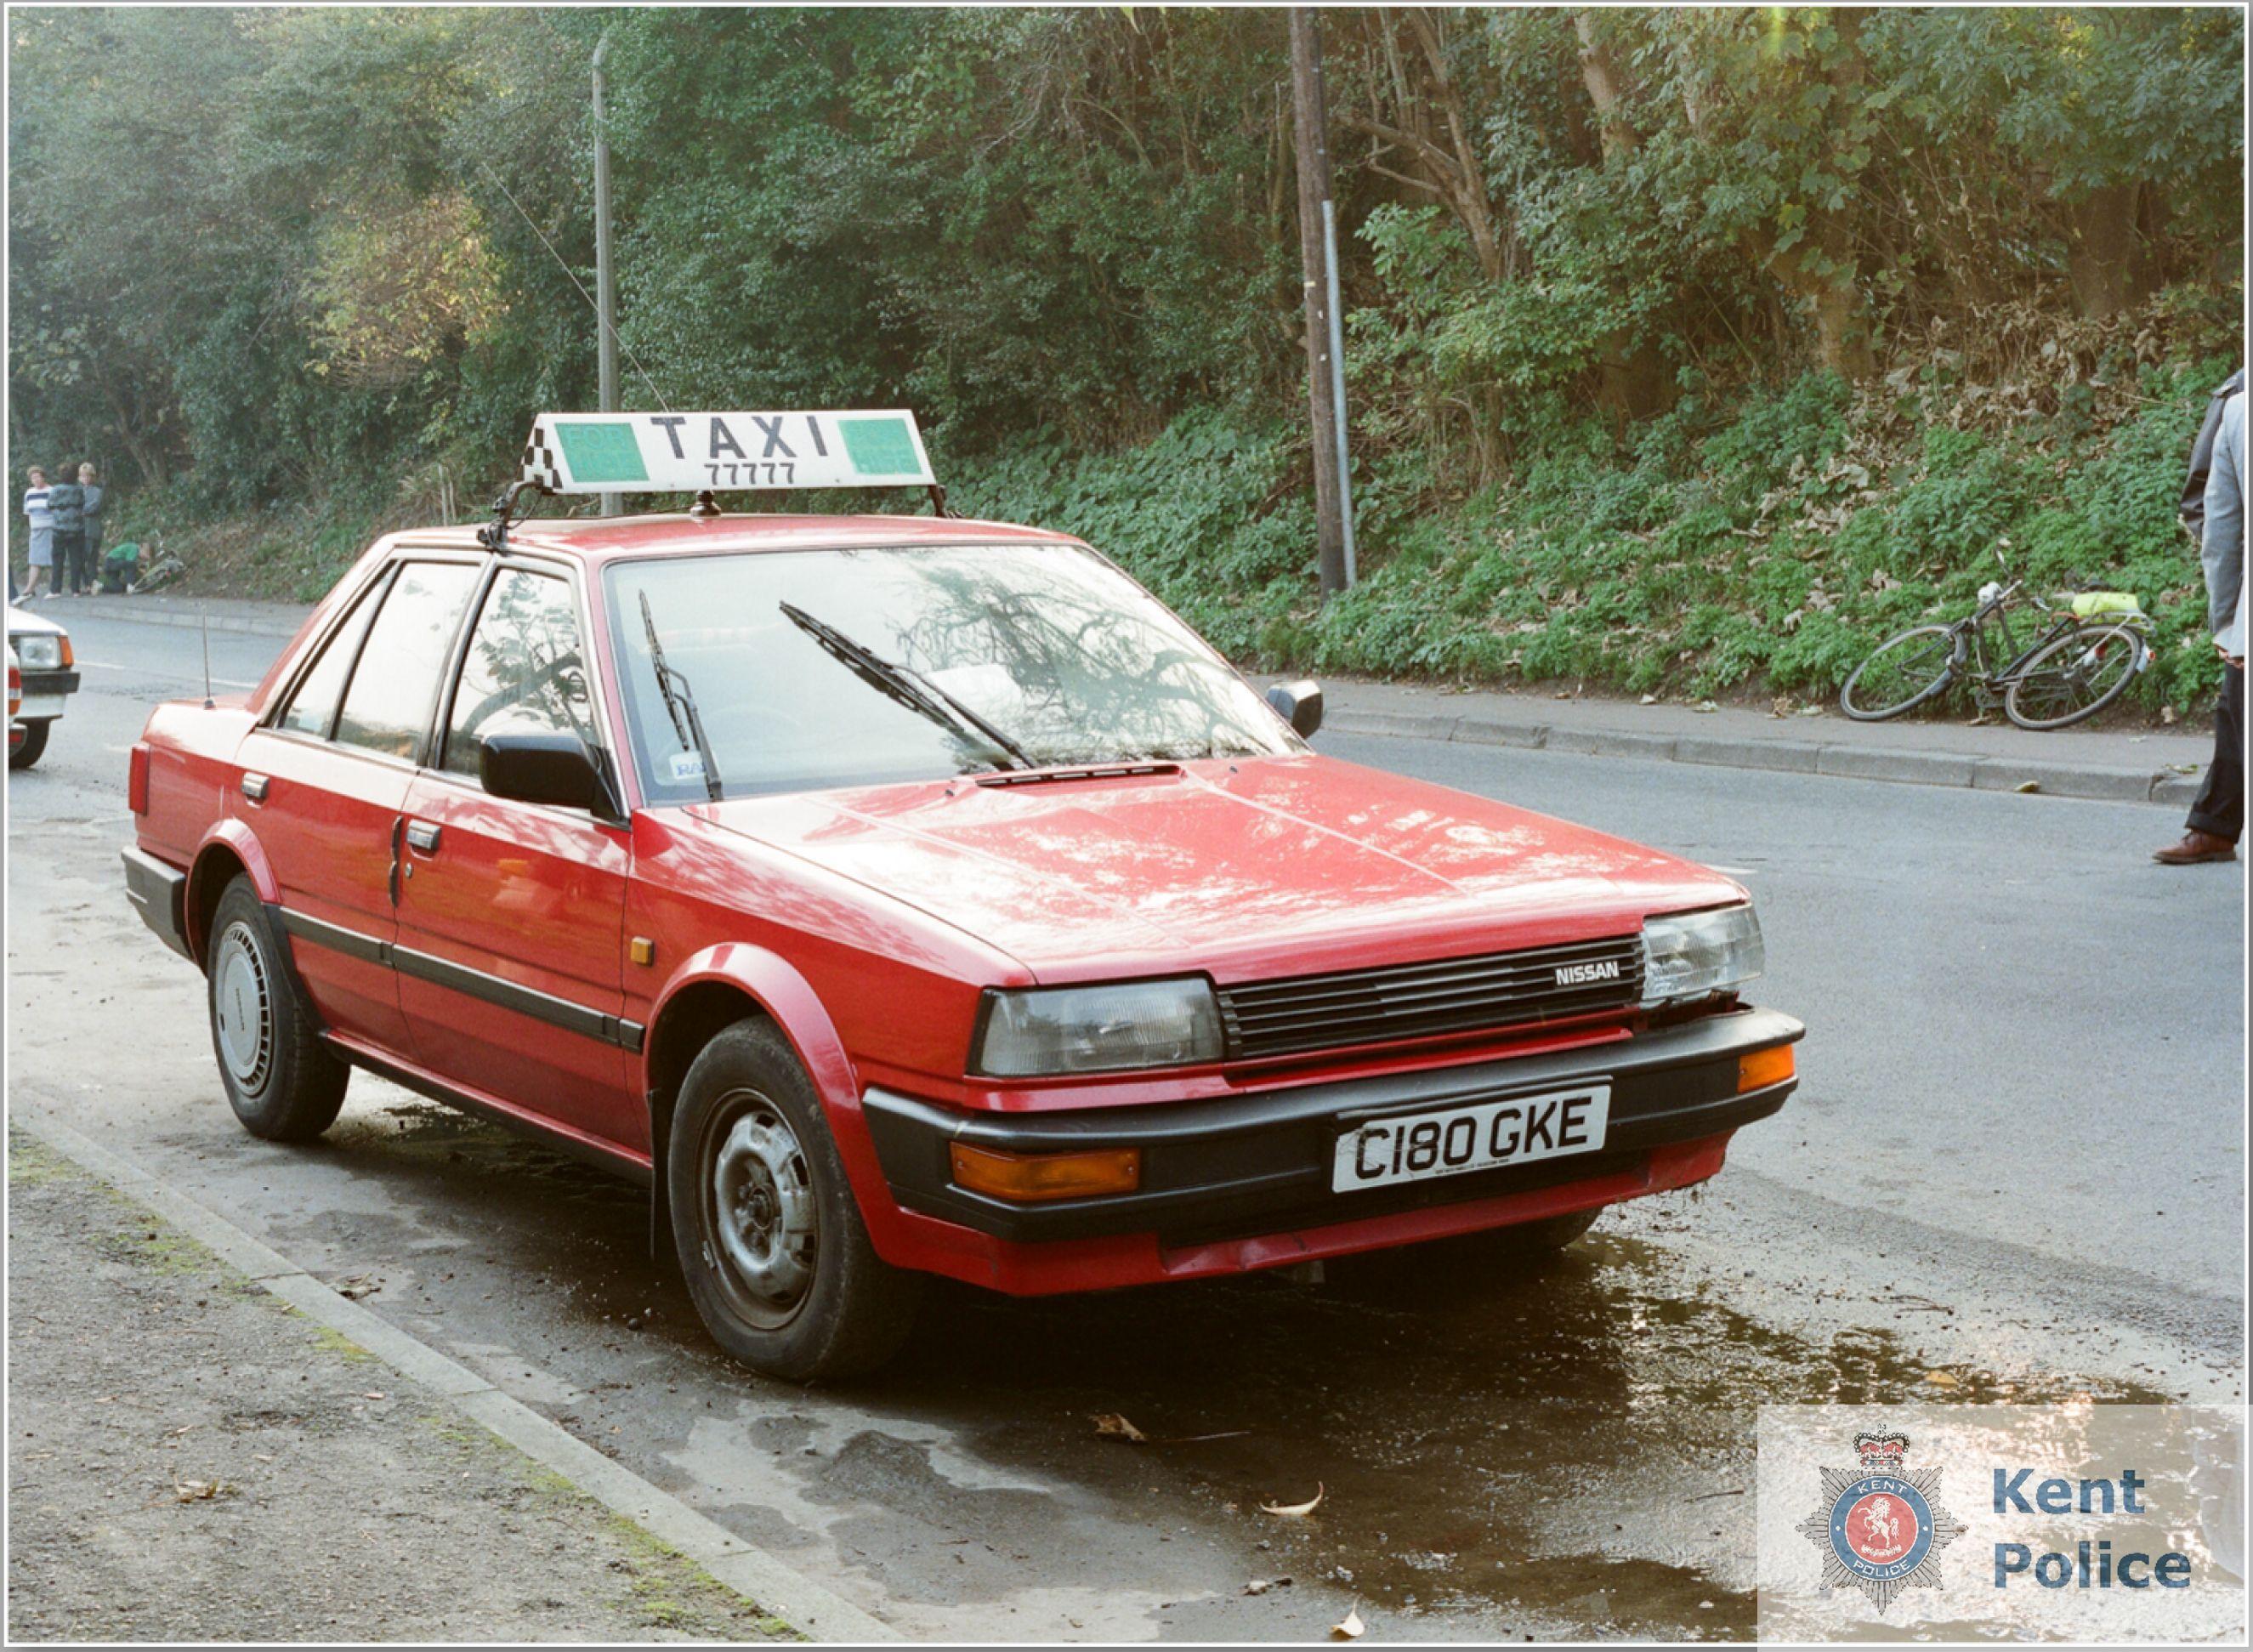 Derek Brann's taxi was found abandoned